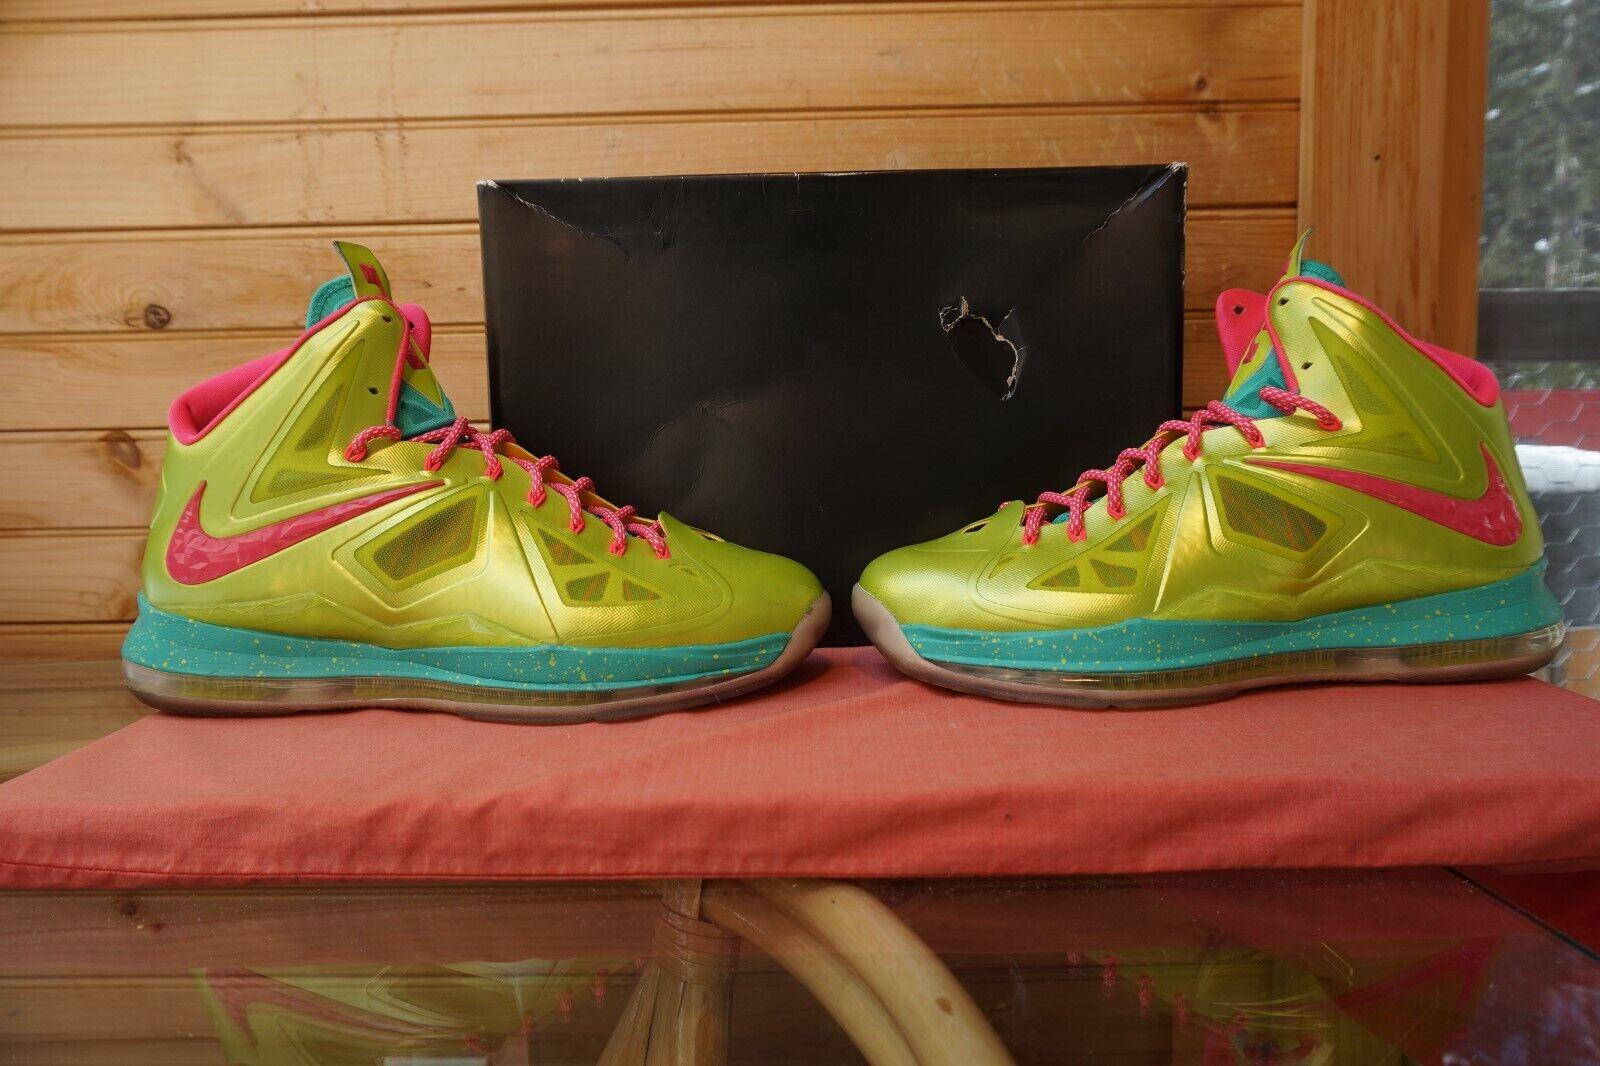 2013 Nike Lebron 10 ID  Tour Yellow Jade Green  Sz 12.5 (1145) 578346-992